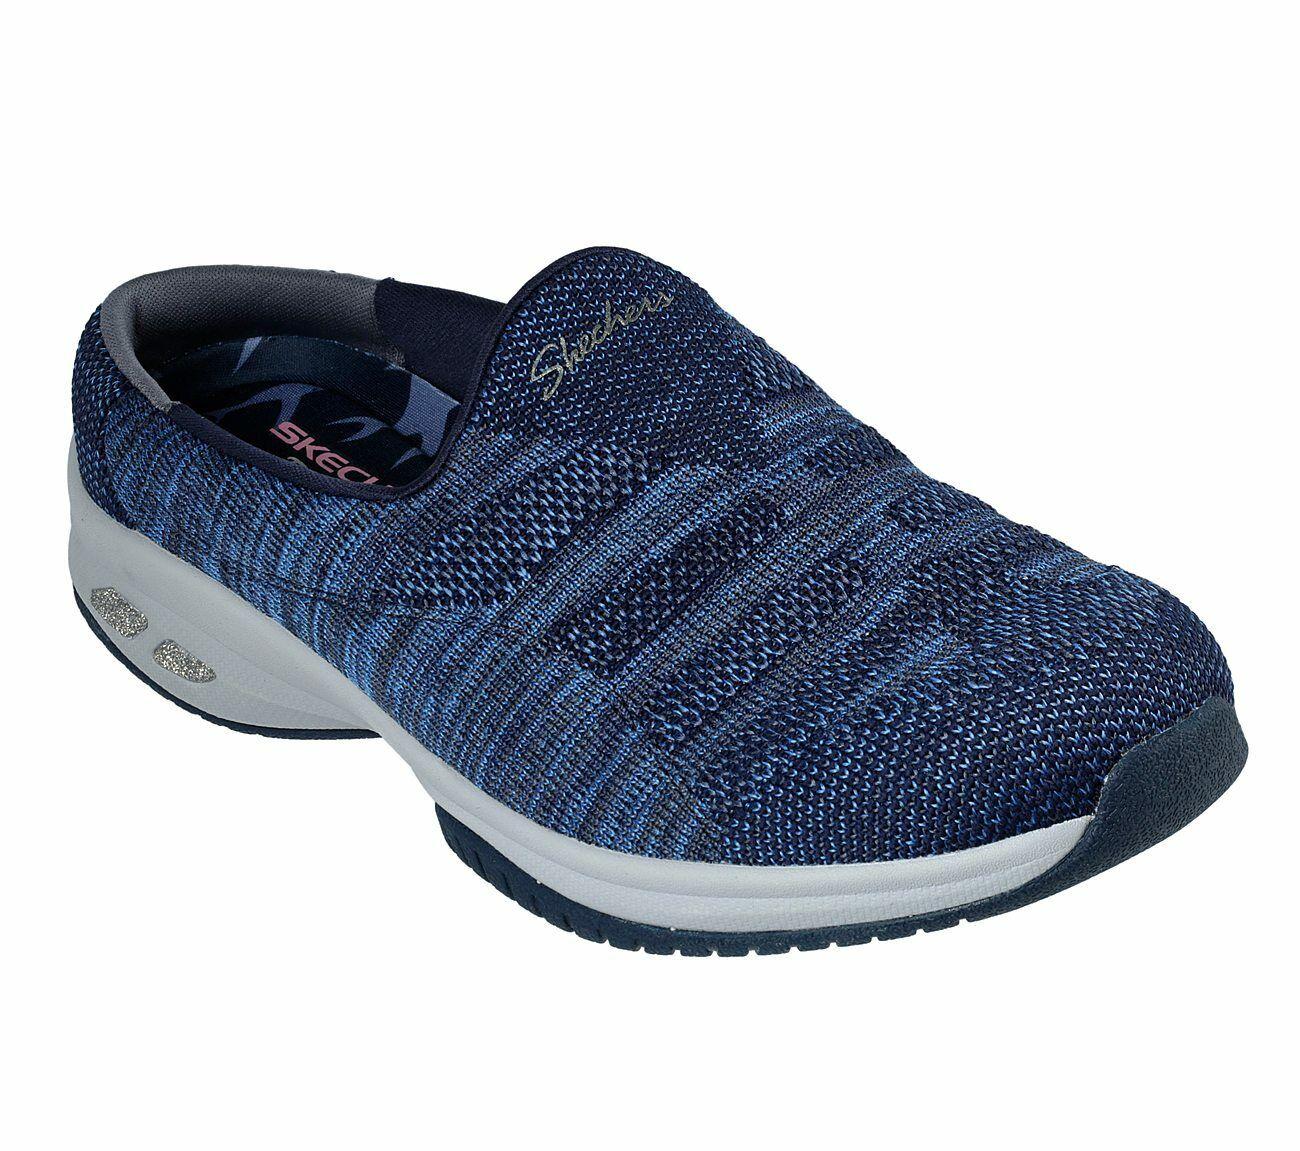 NEU SKECHERS Damen Sneakers Slipper Memory Foam MICROBURST UNDER WRAPS Schwarz